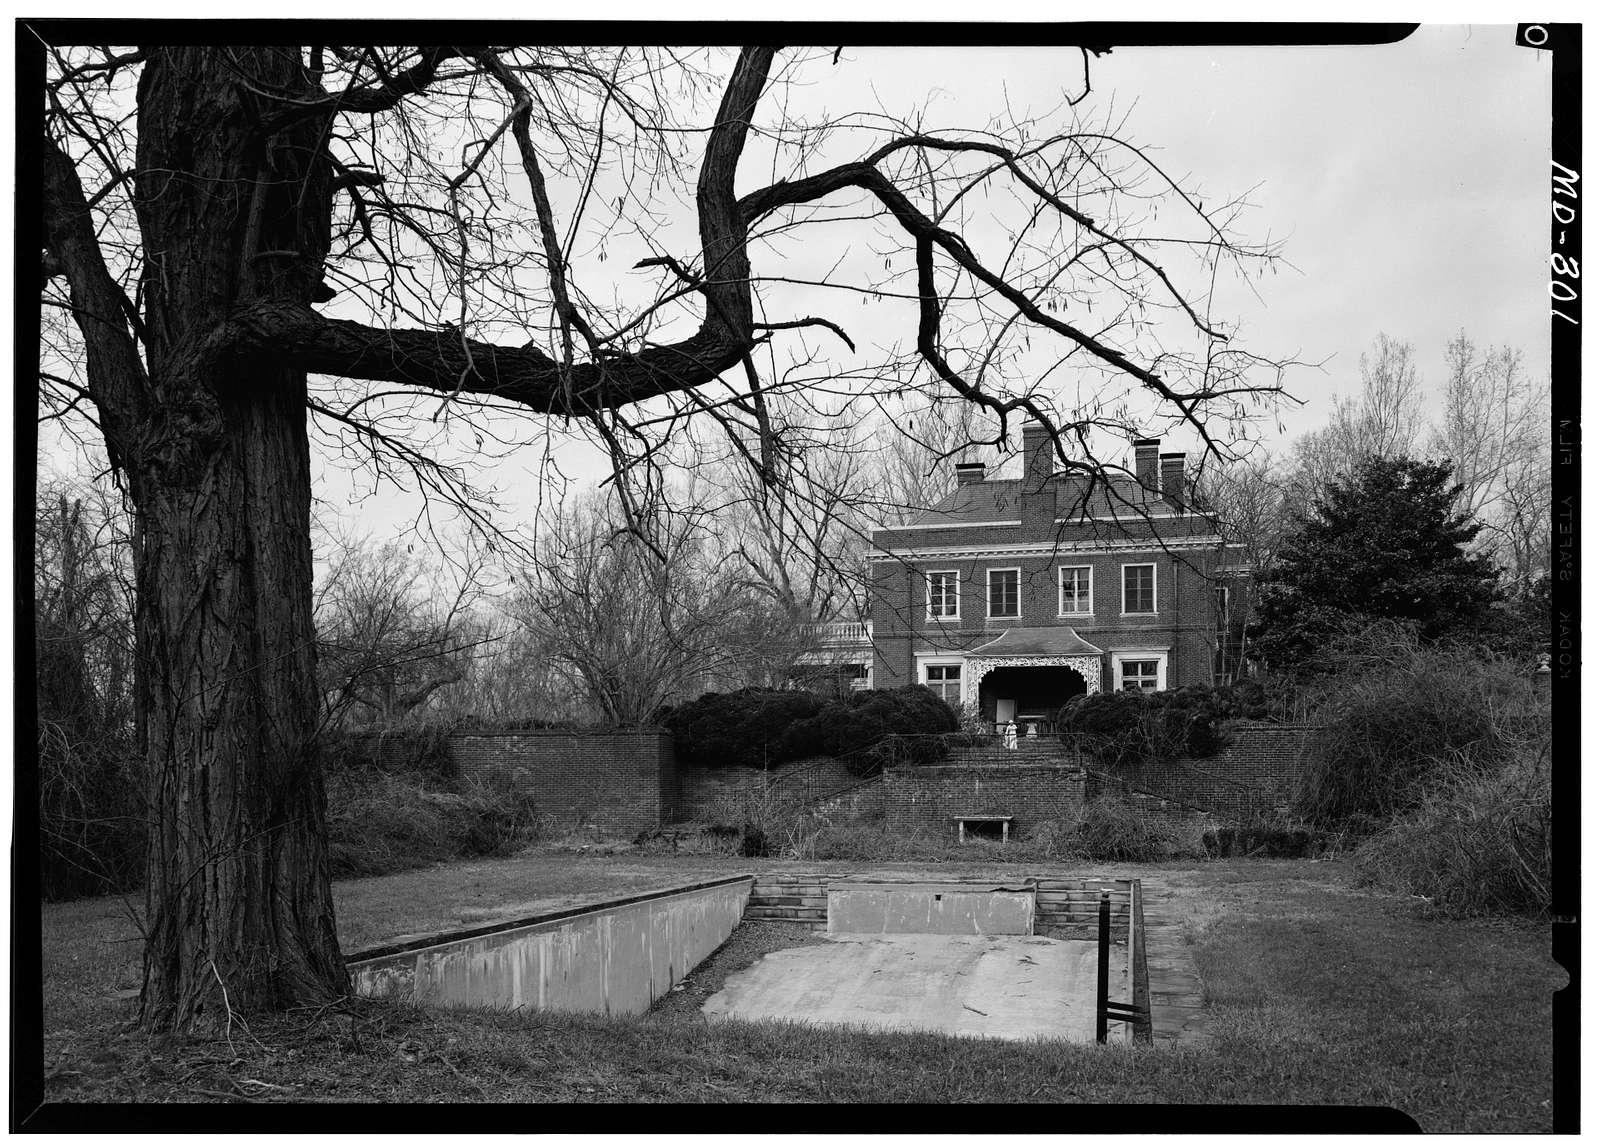 Oxon Hill Manor, 6701 Oxon Hill Road, Oxon Hill, Prince George's County, MD